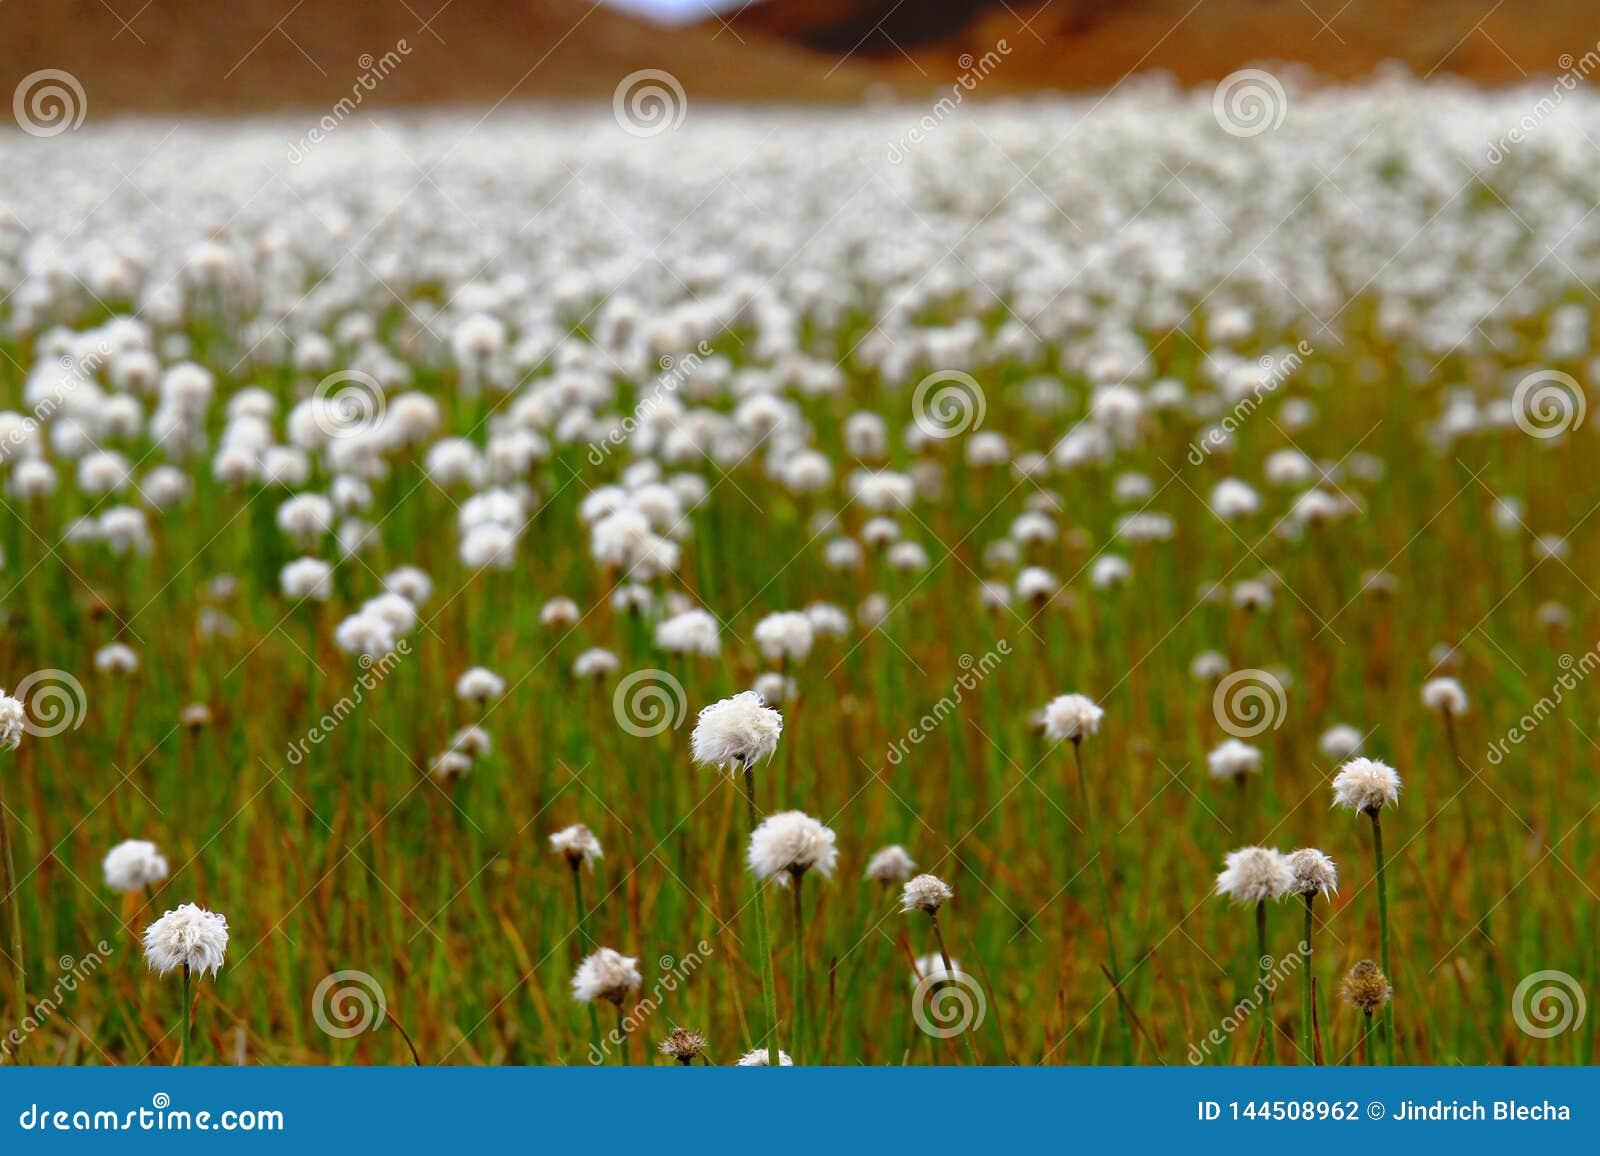 Feld von Scheuchzers Cottongrass, Hrafnafifa, Island